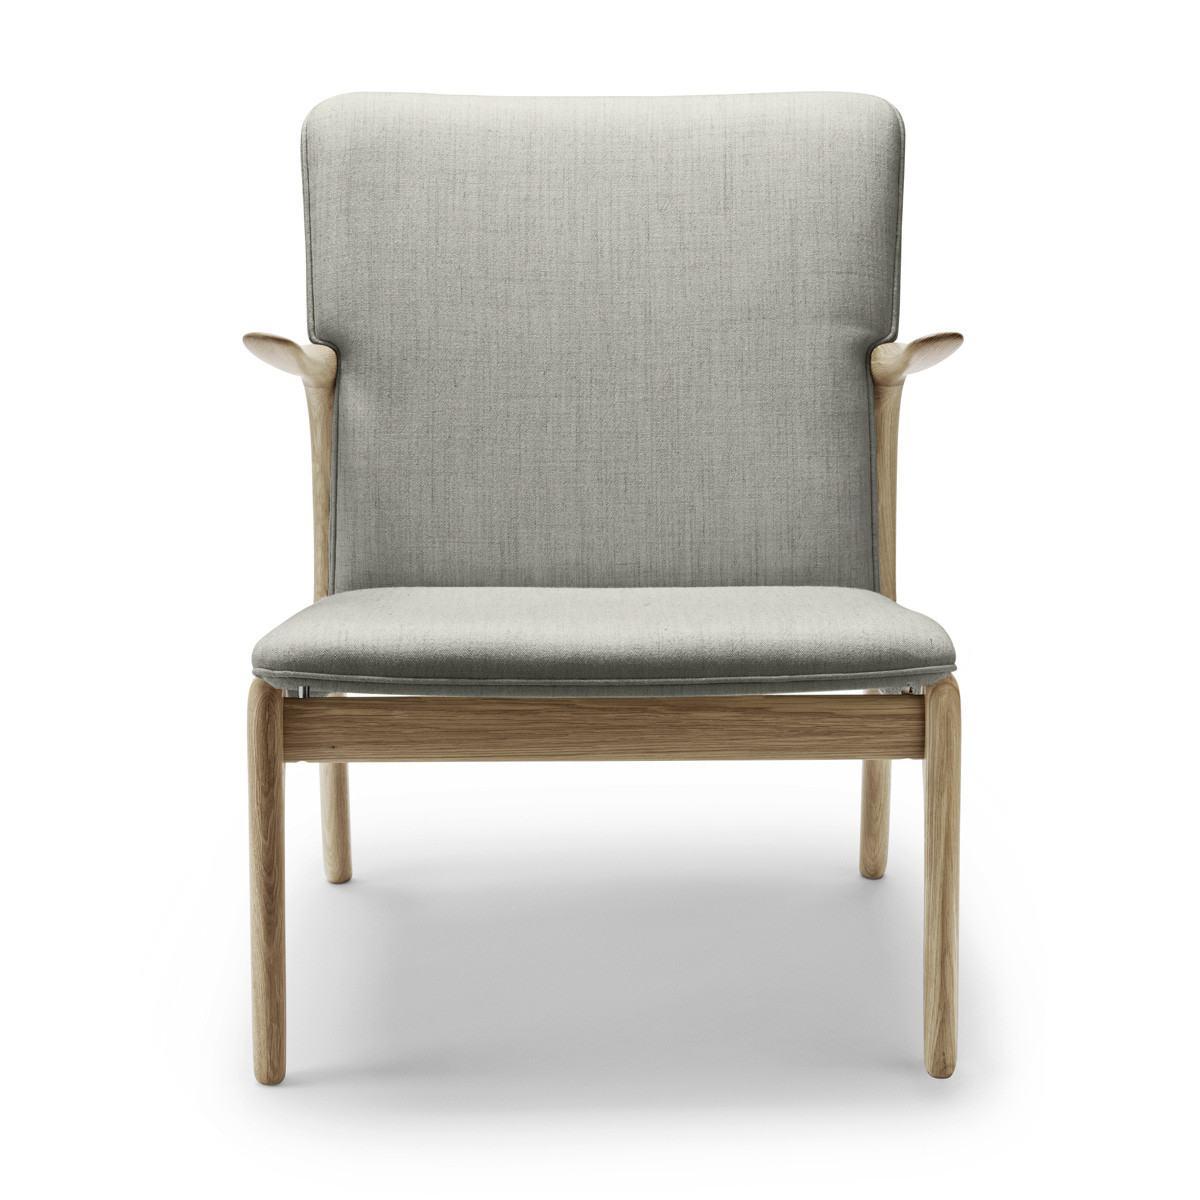 Carl Hansen OW124 Beak Chair - Oiled Oak